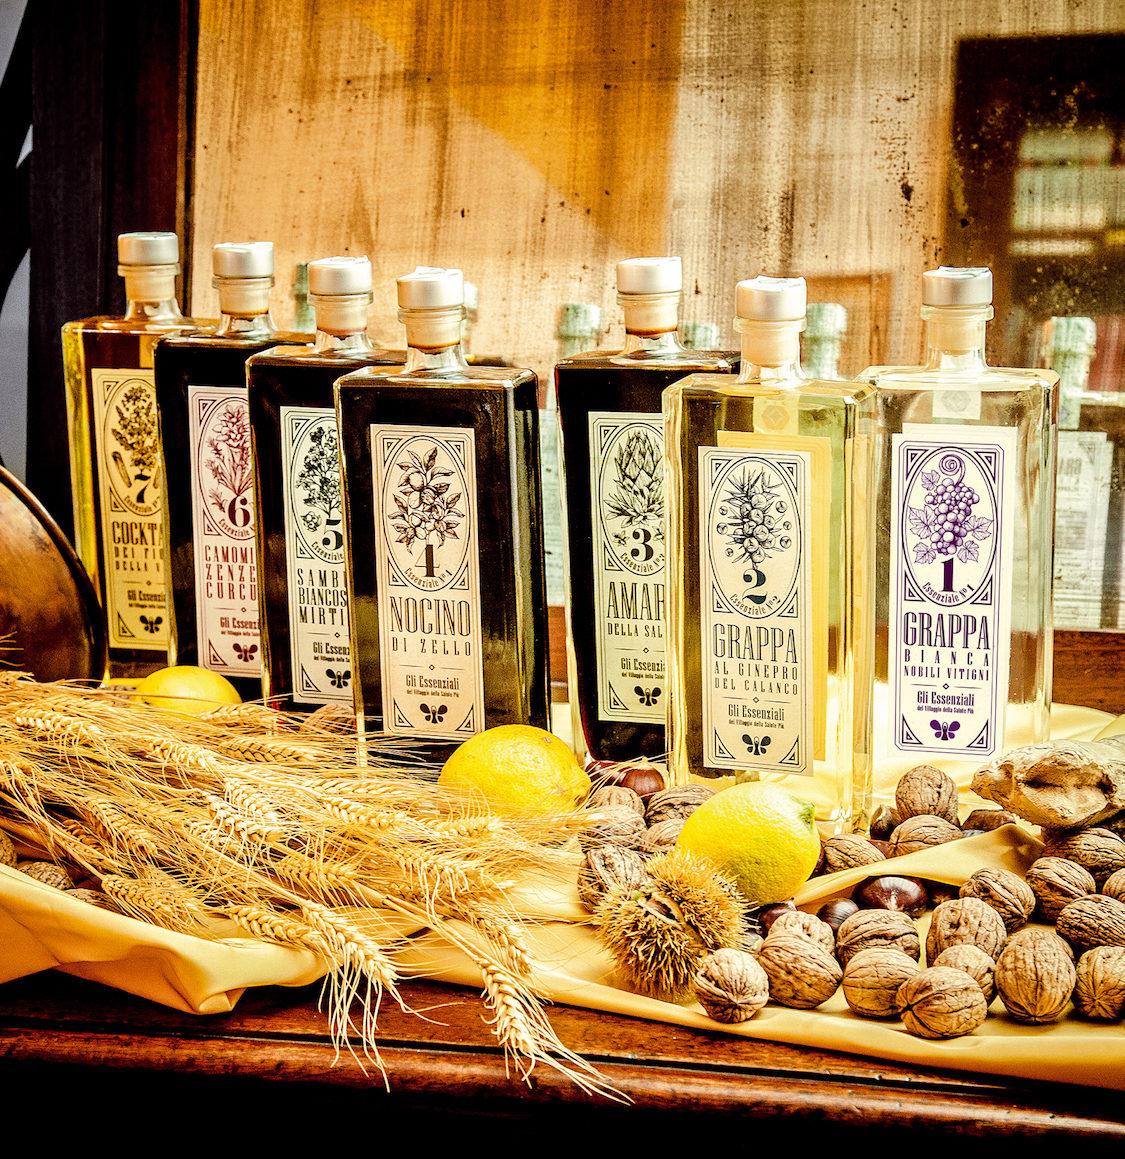 Gli Essenziali, liquori a base di erbe spontanee dell'Appennino Tosco-Emiliano